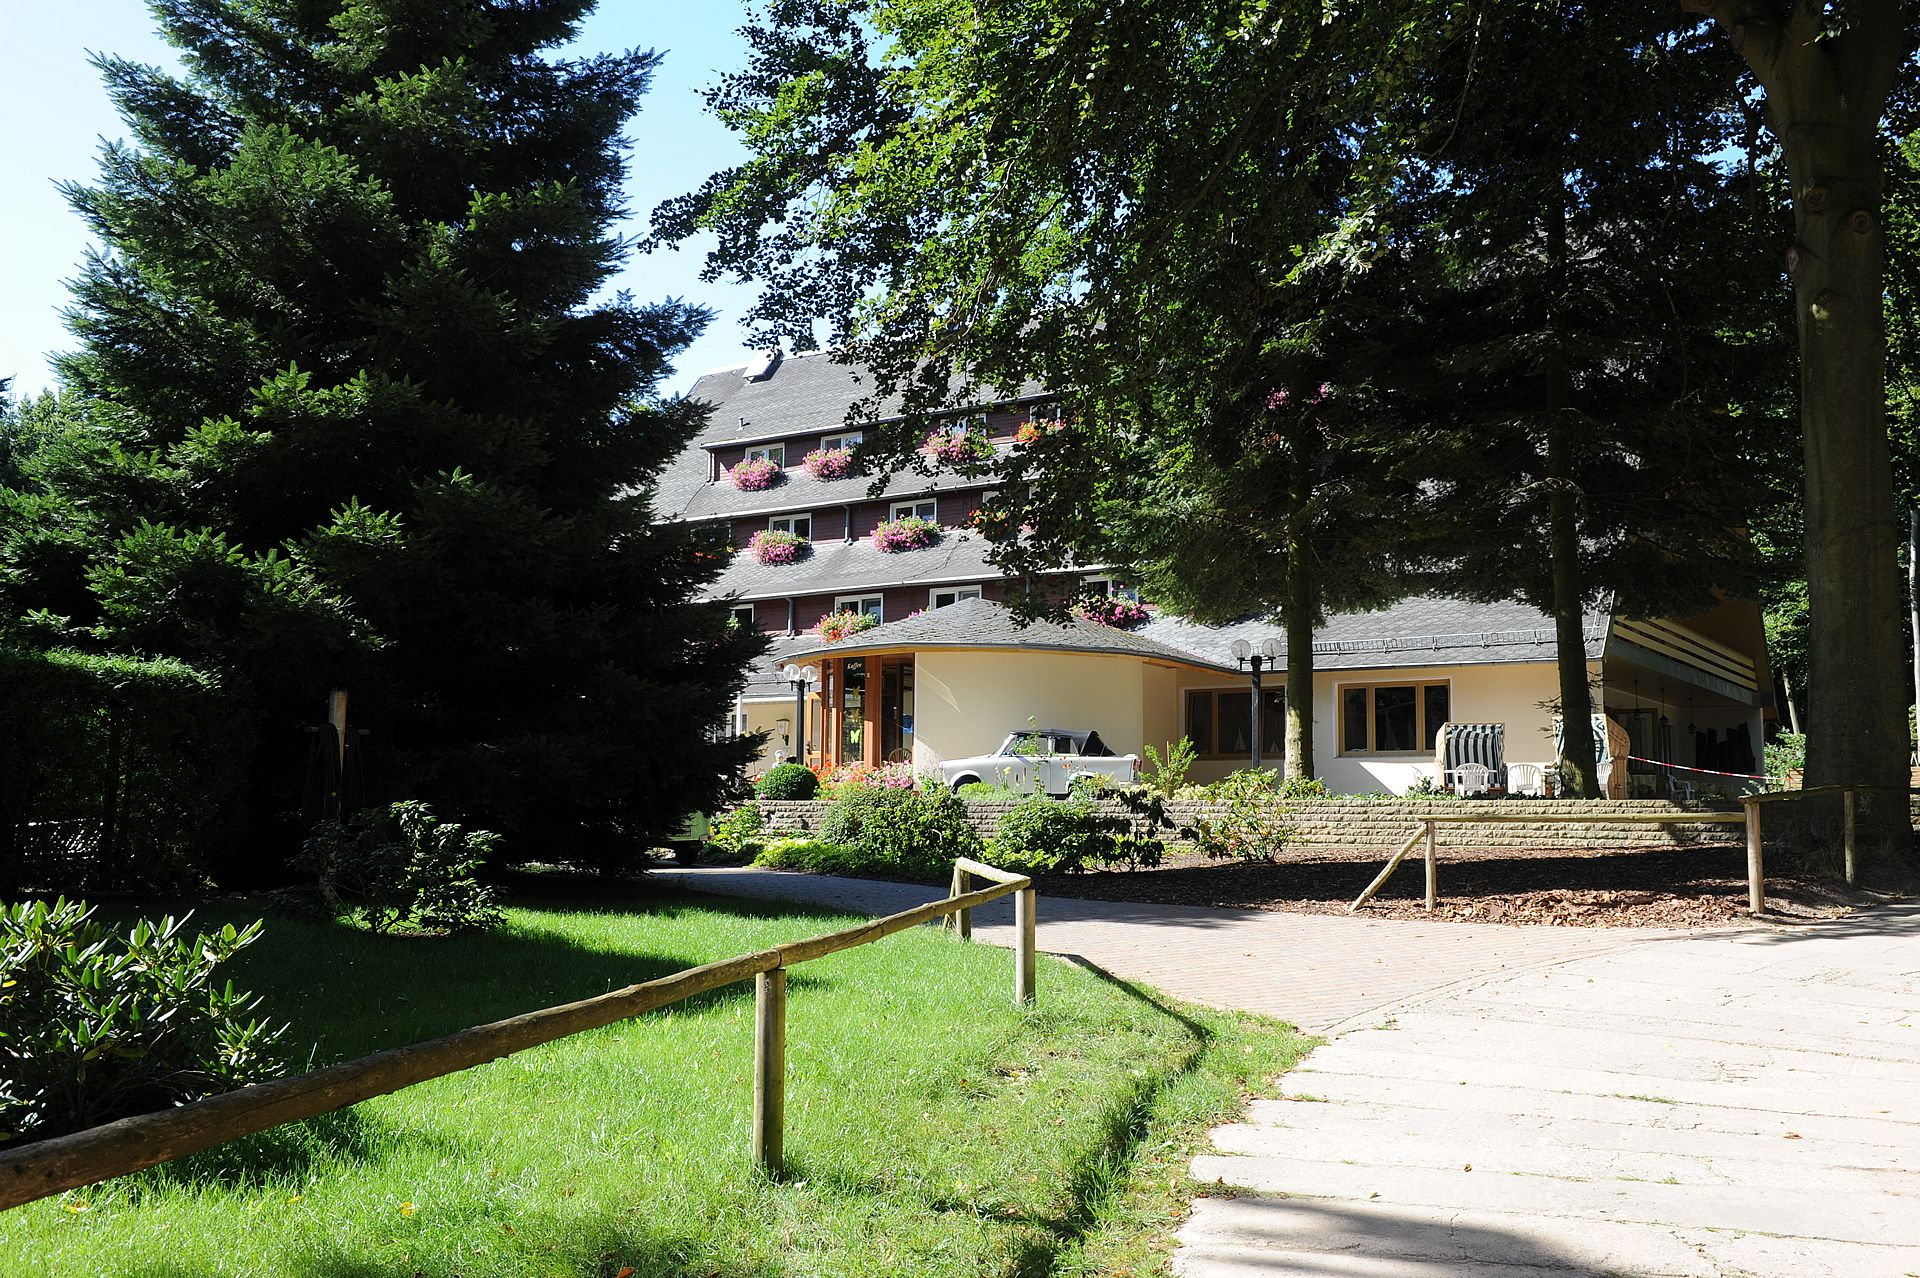 Forsthaus Langenberg Ruhiges Hotel in Einzellage Hotel